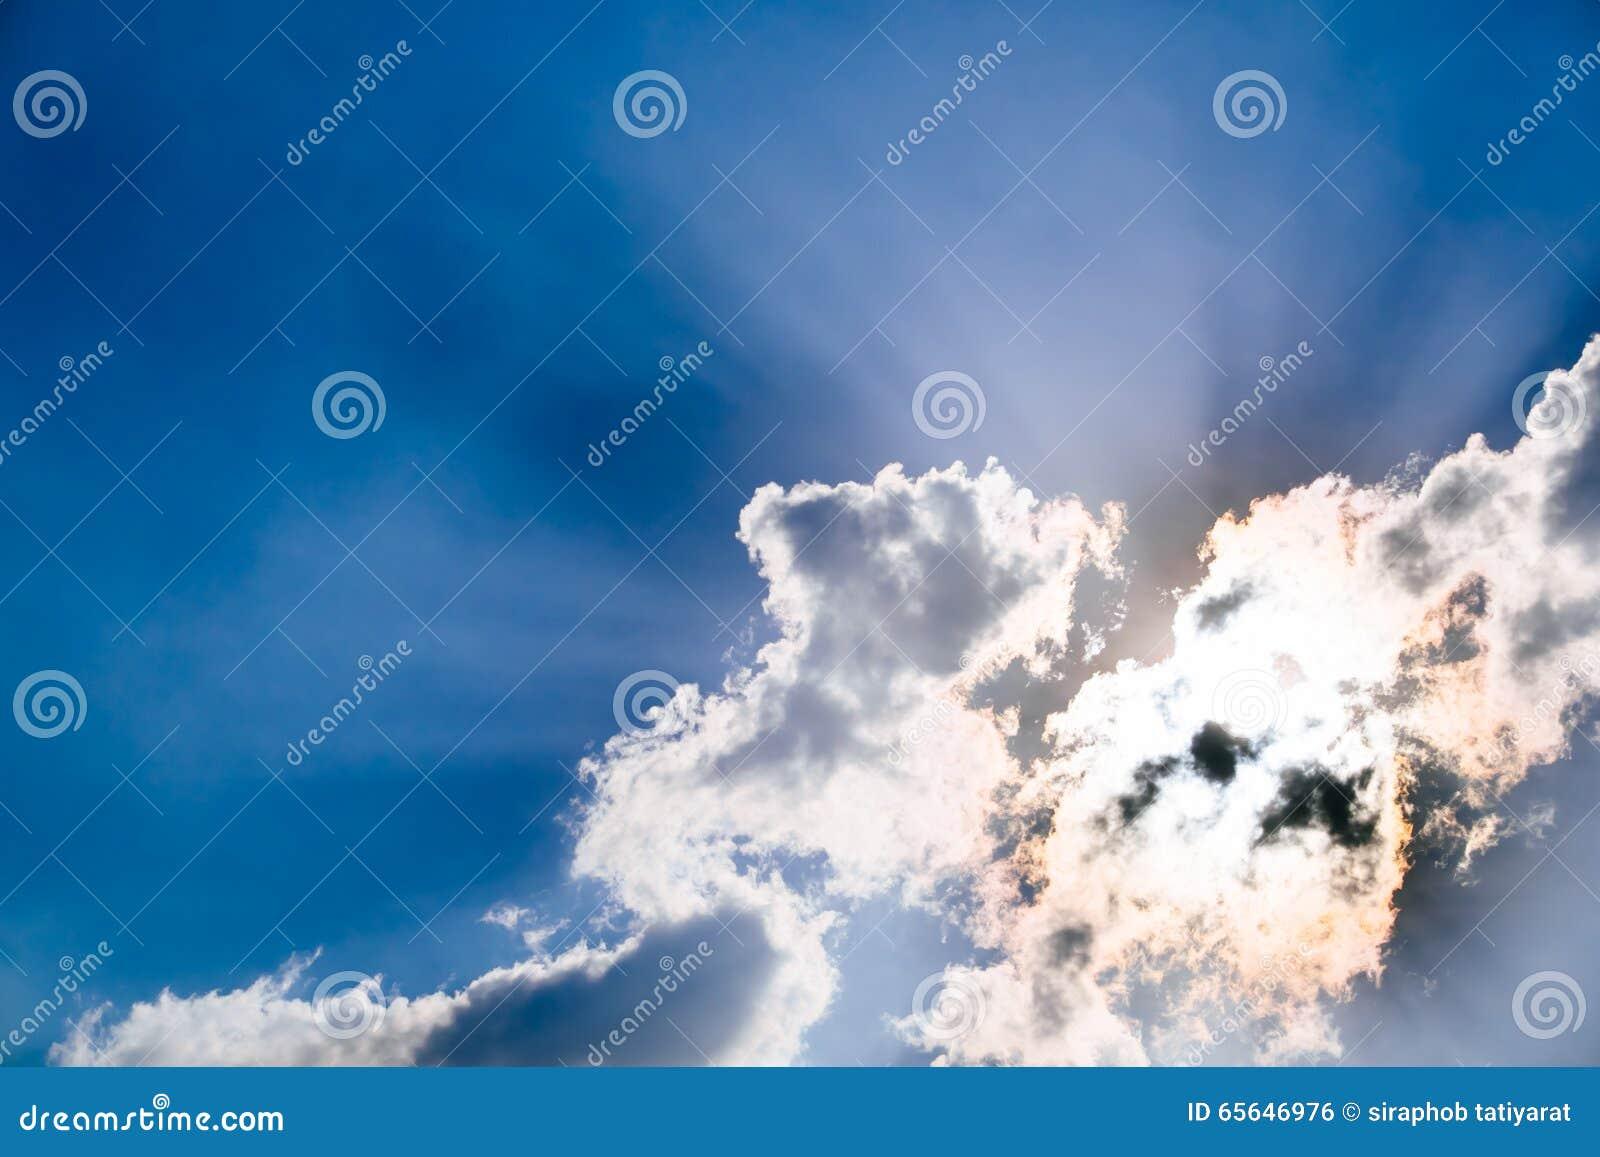 Nuages et un ciel bleu